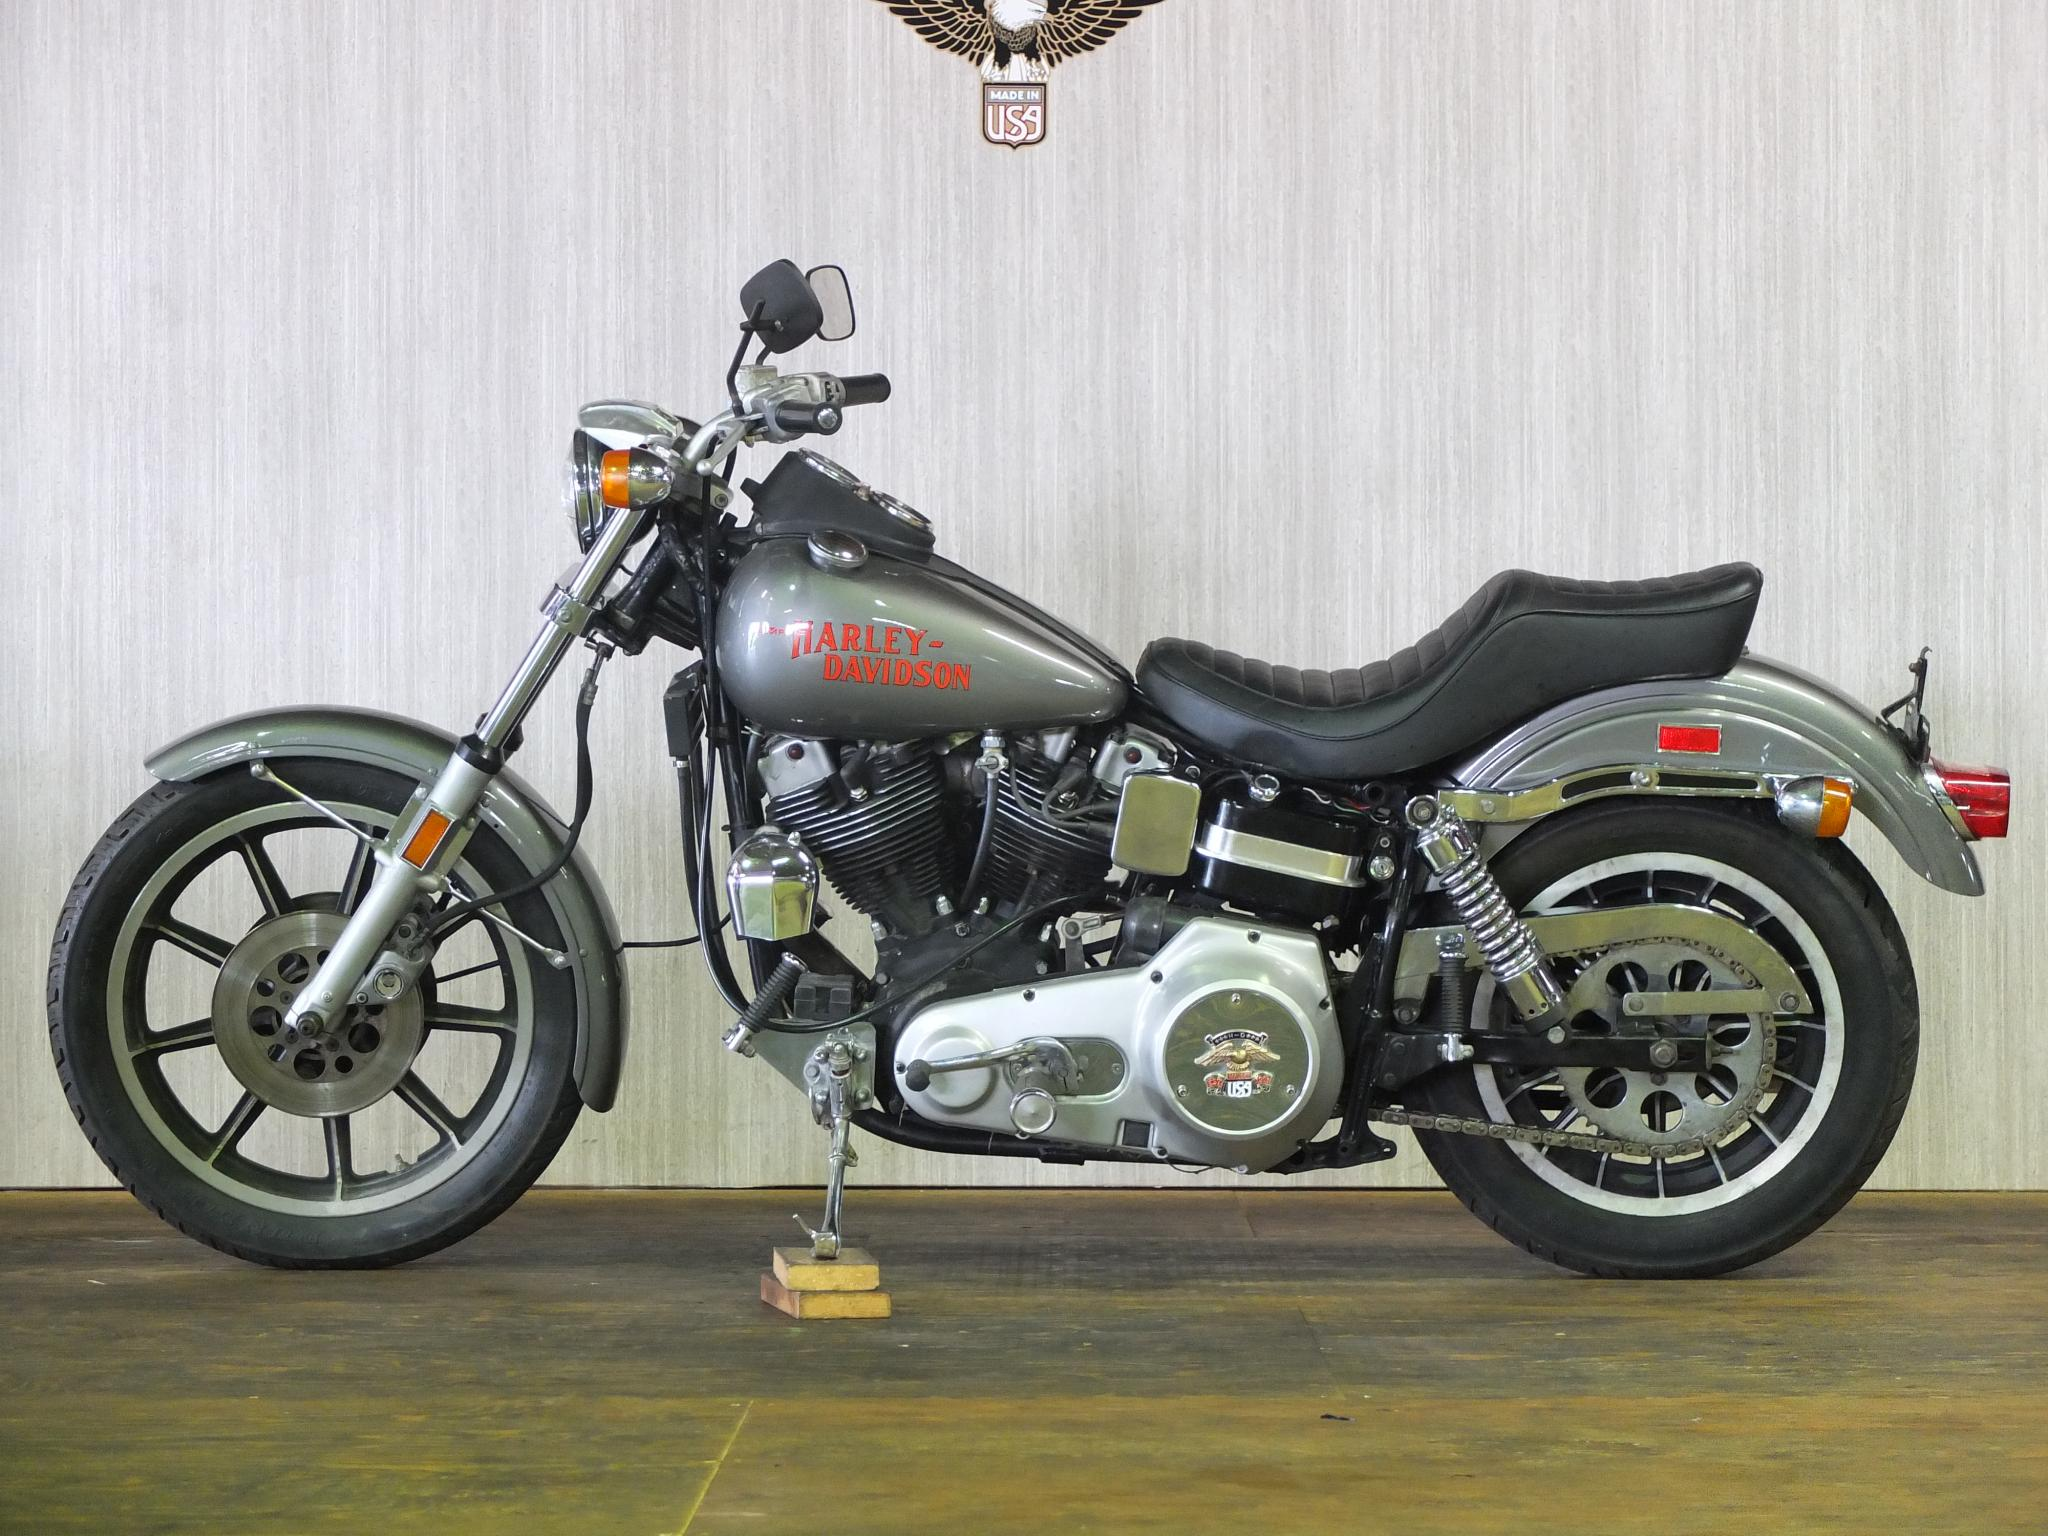 ハーレーダビッドソン 1977 FXS Low Rider 車体写真4